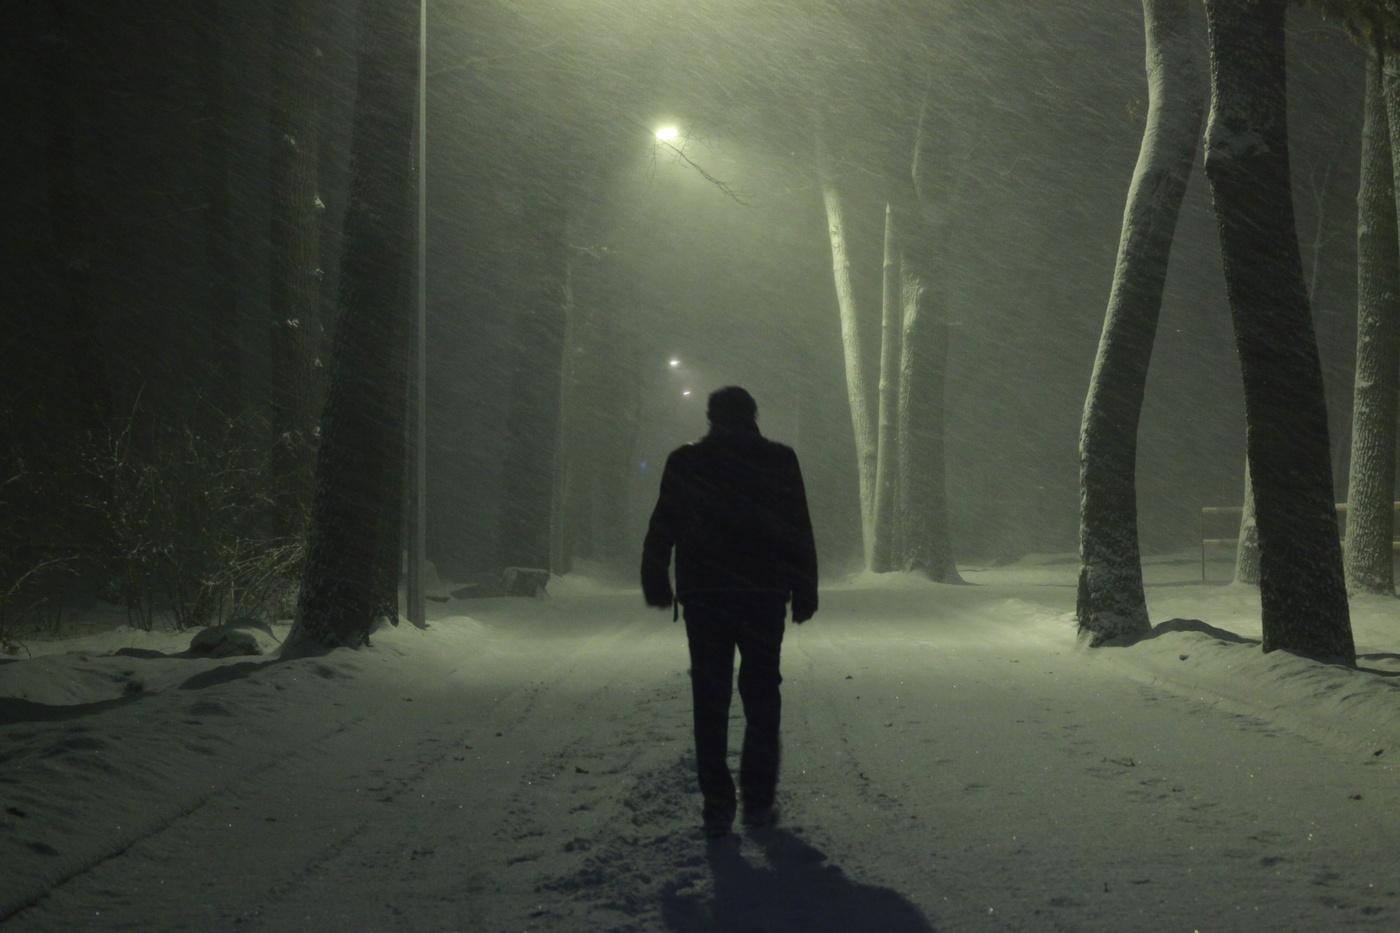 картинки парень один в темноте туроператоры